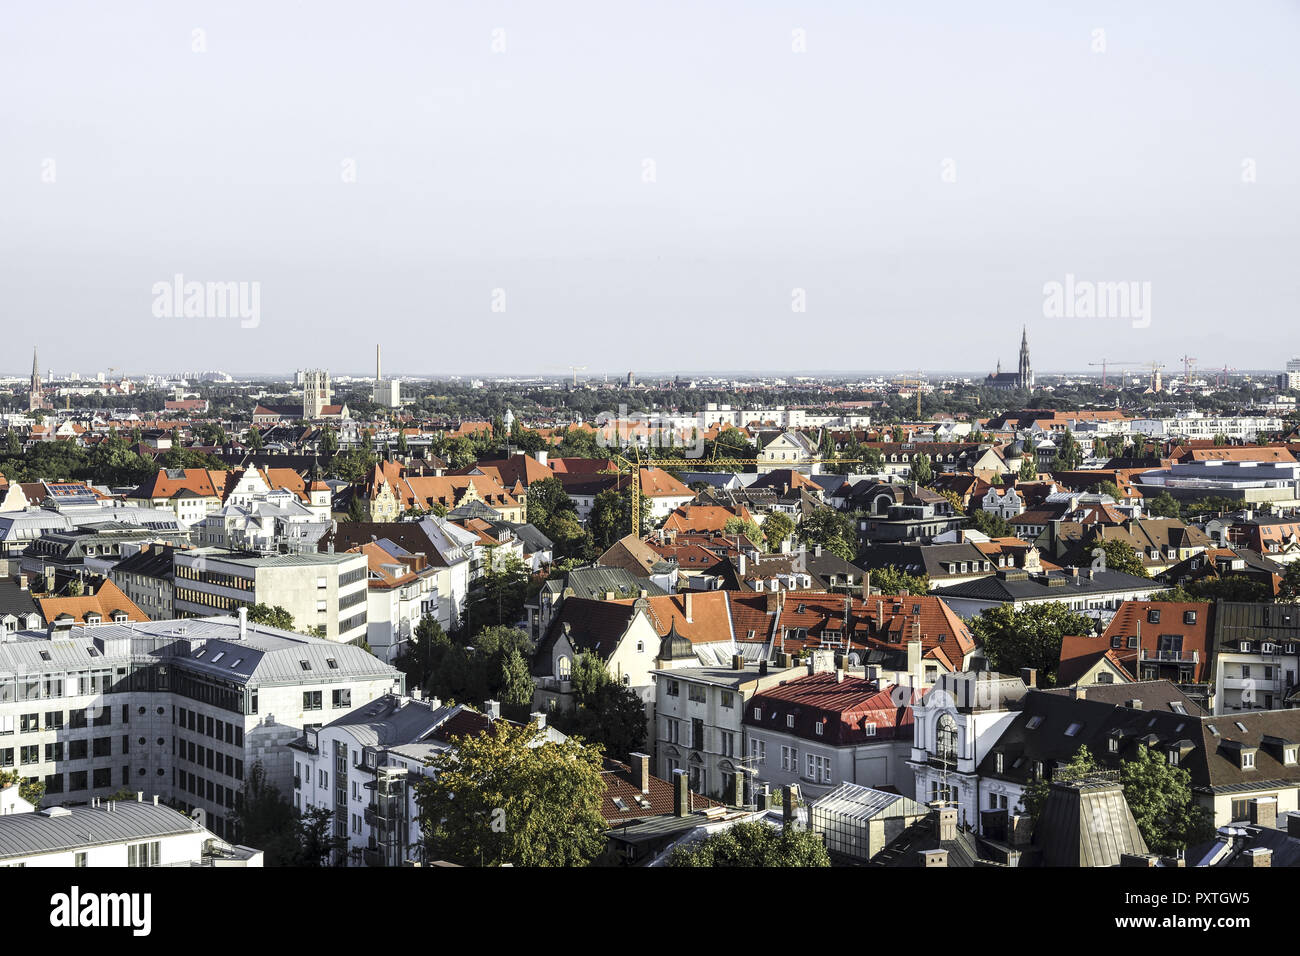 Blick auf die Wiesn, Münchner Oktoberfest, Bayern, Deutschland - Stock Image